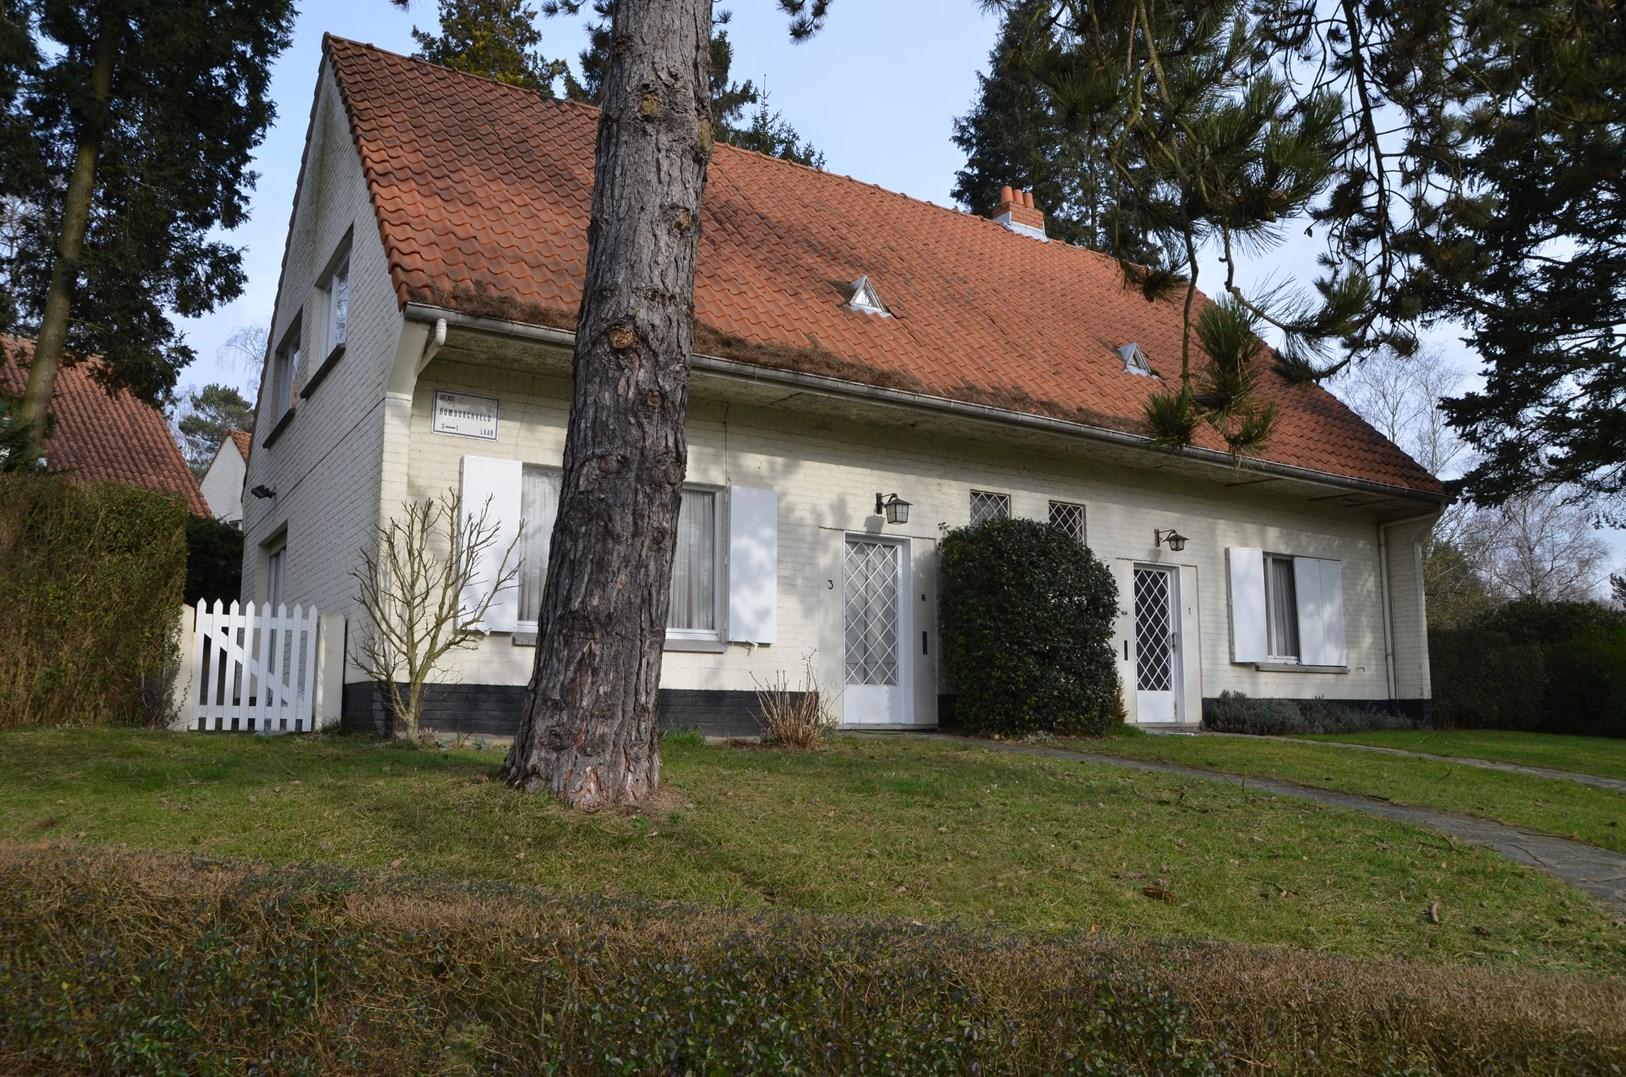 Avenue d'Homborchveld 3